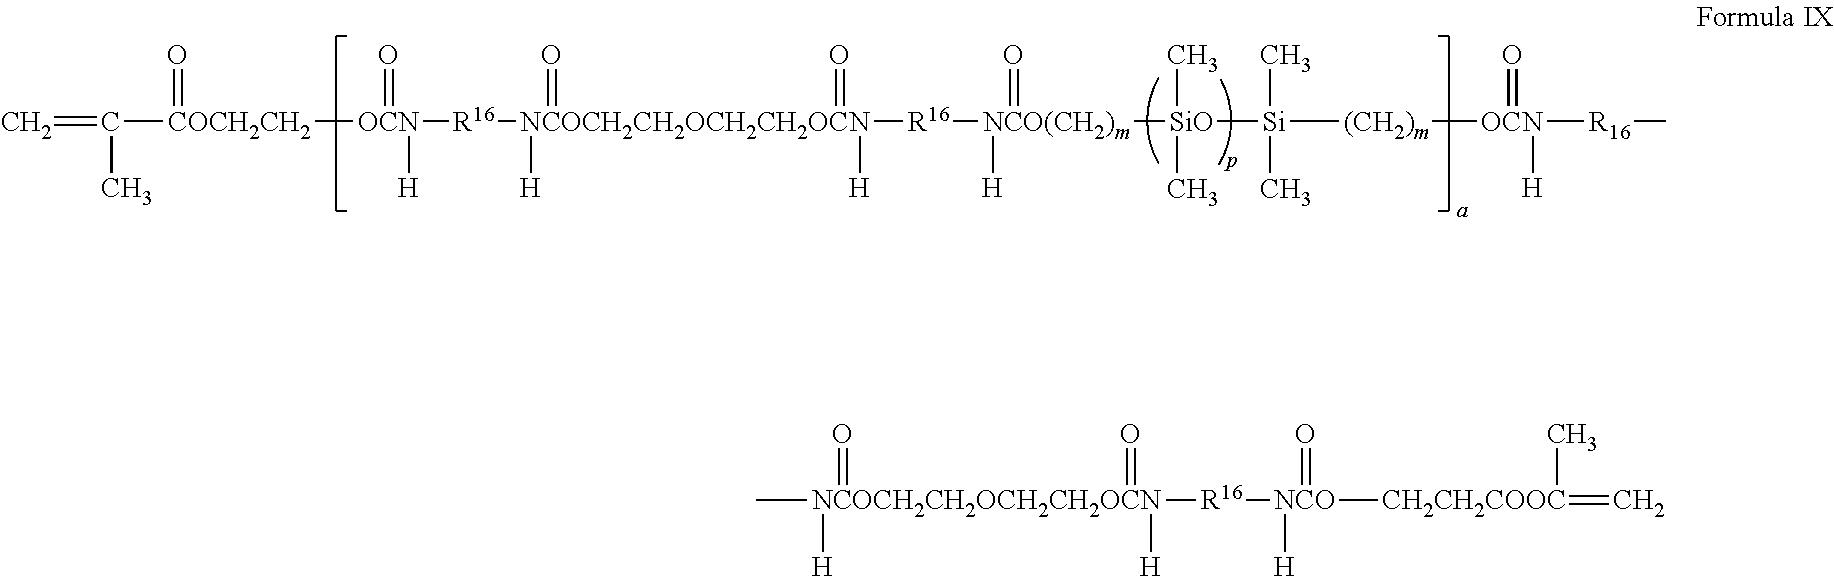 Figure US09880398-20180130-C00006